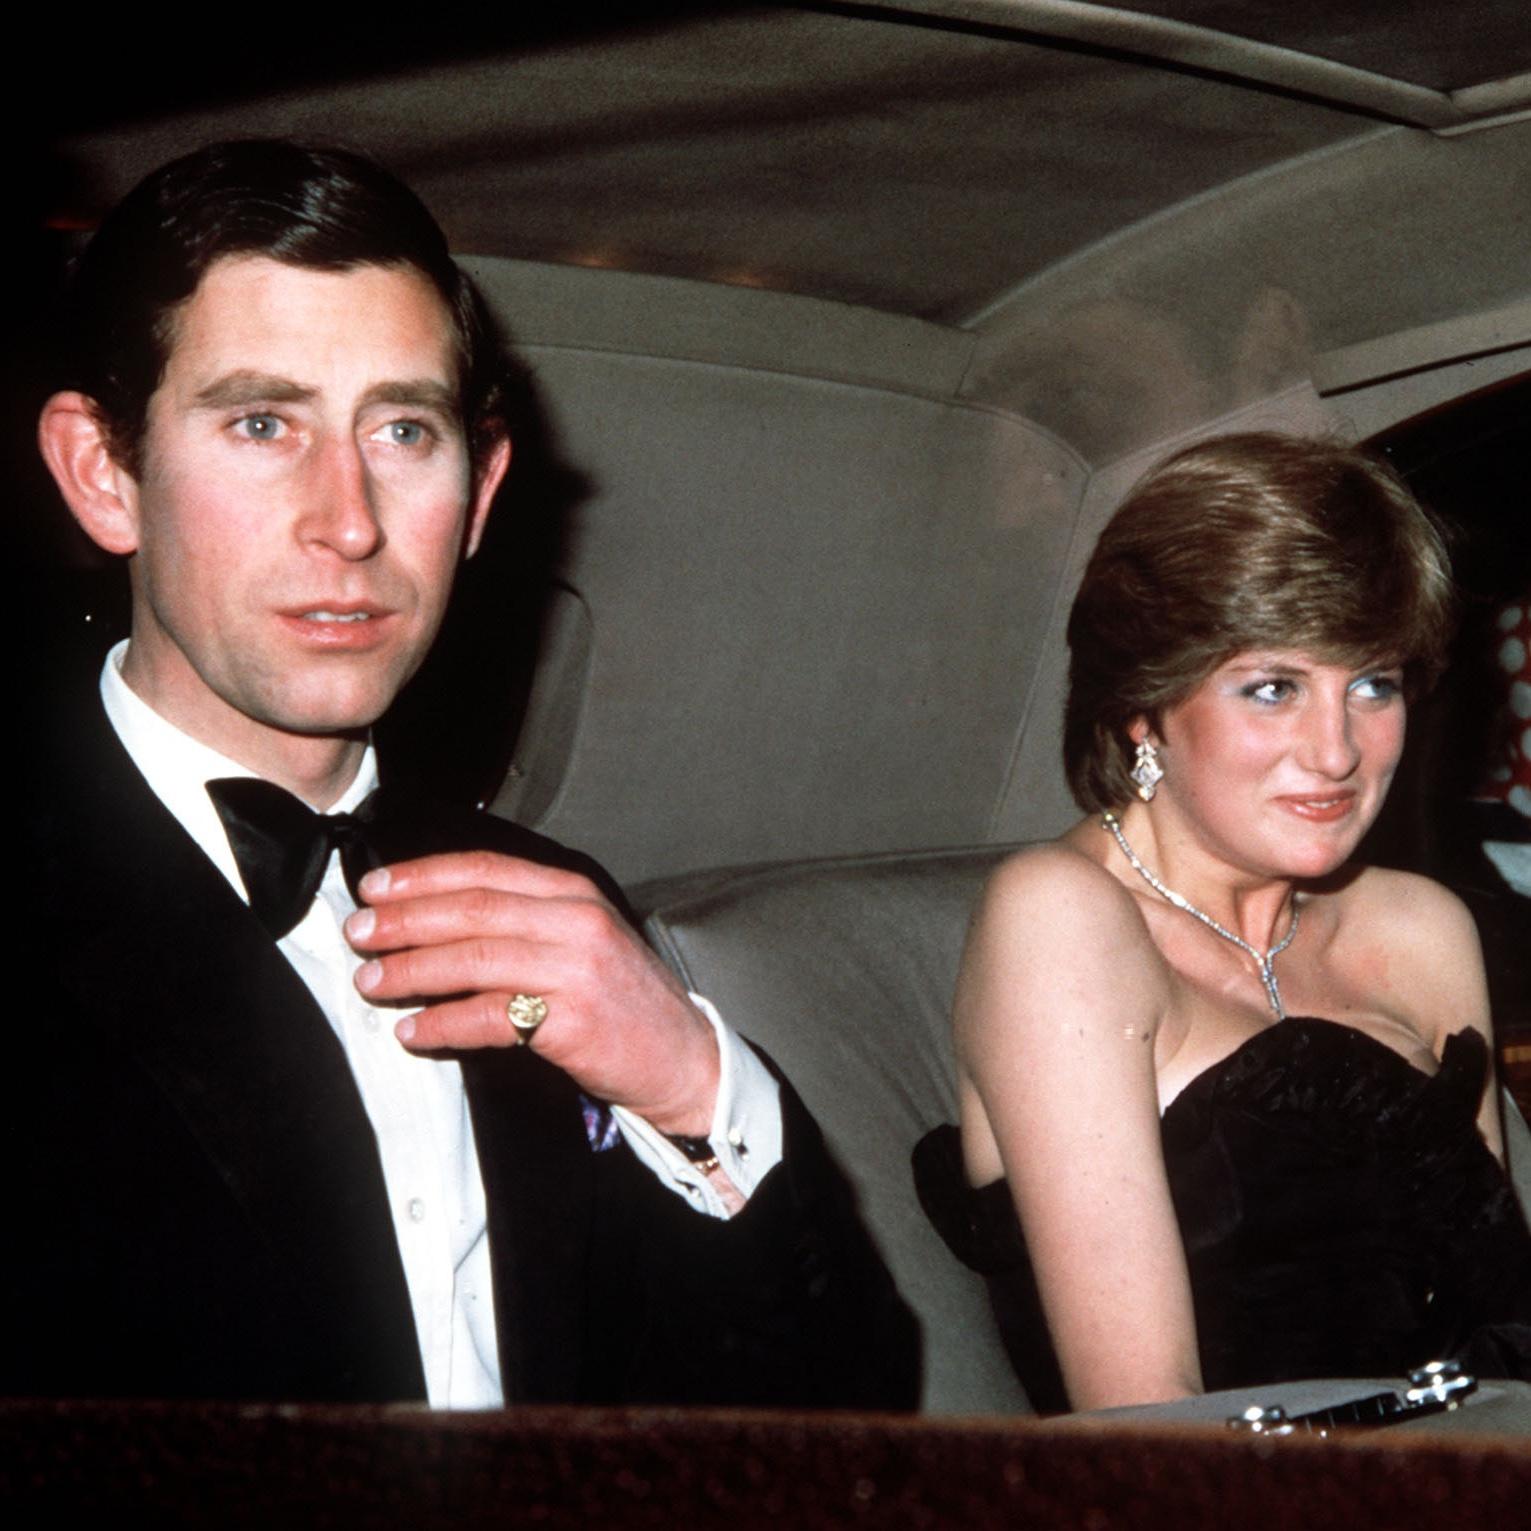 Le Prince Charles et la Princesse Diana lorsqu'ils étaient jeunes.